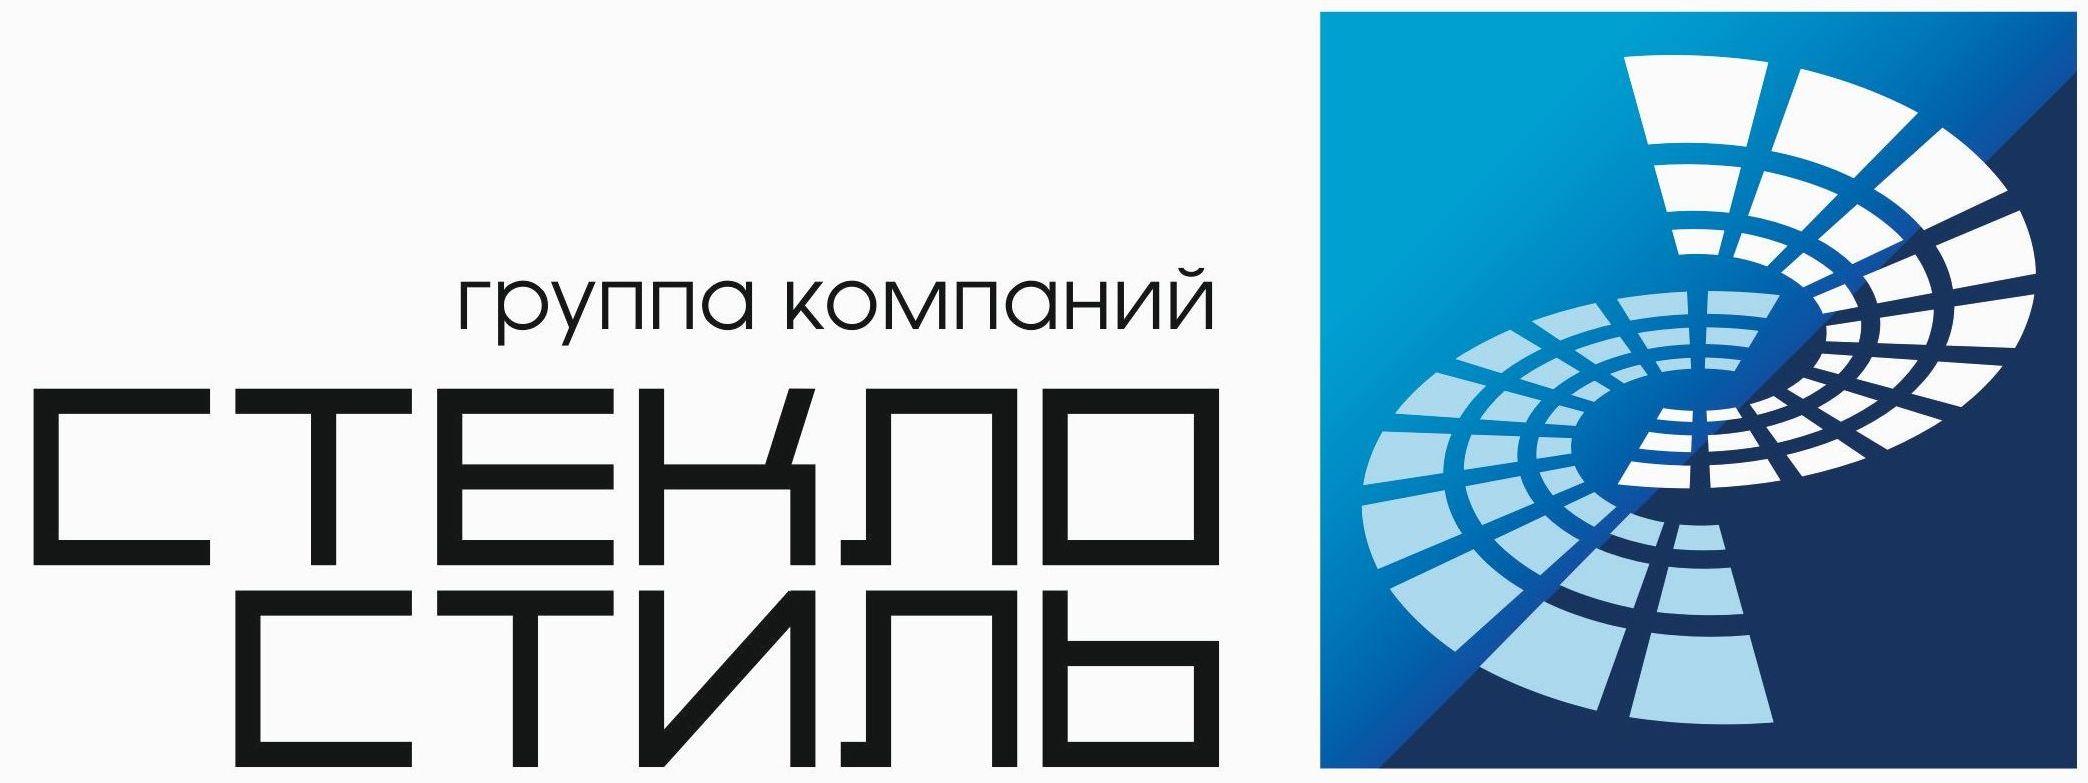 группа компаний «СтеклоСтиль», логотип